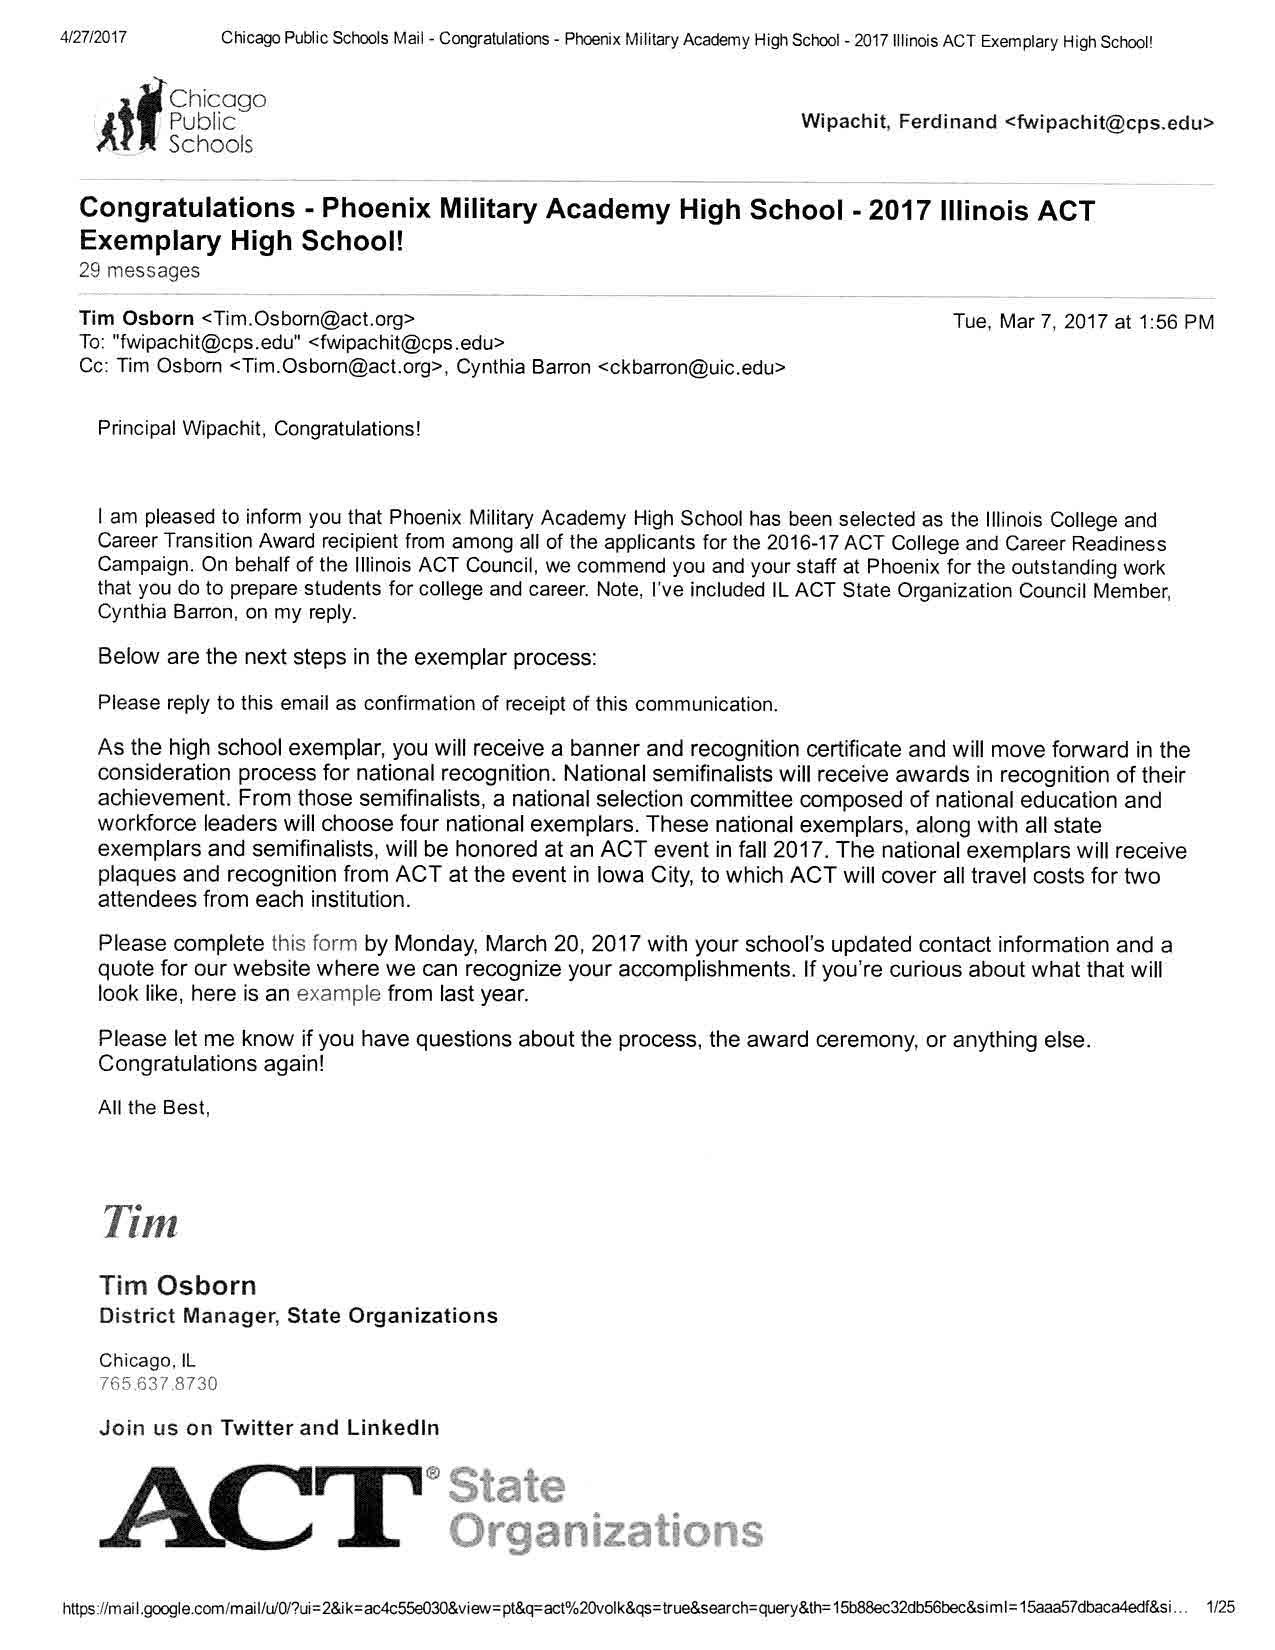 2017 Illinois ACT Exemplary High School